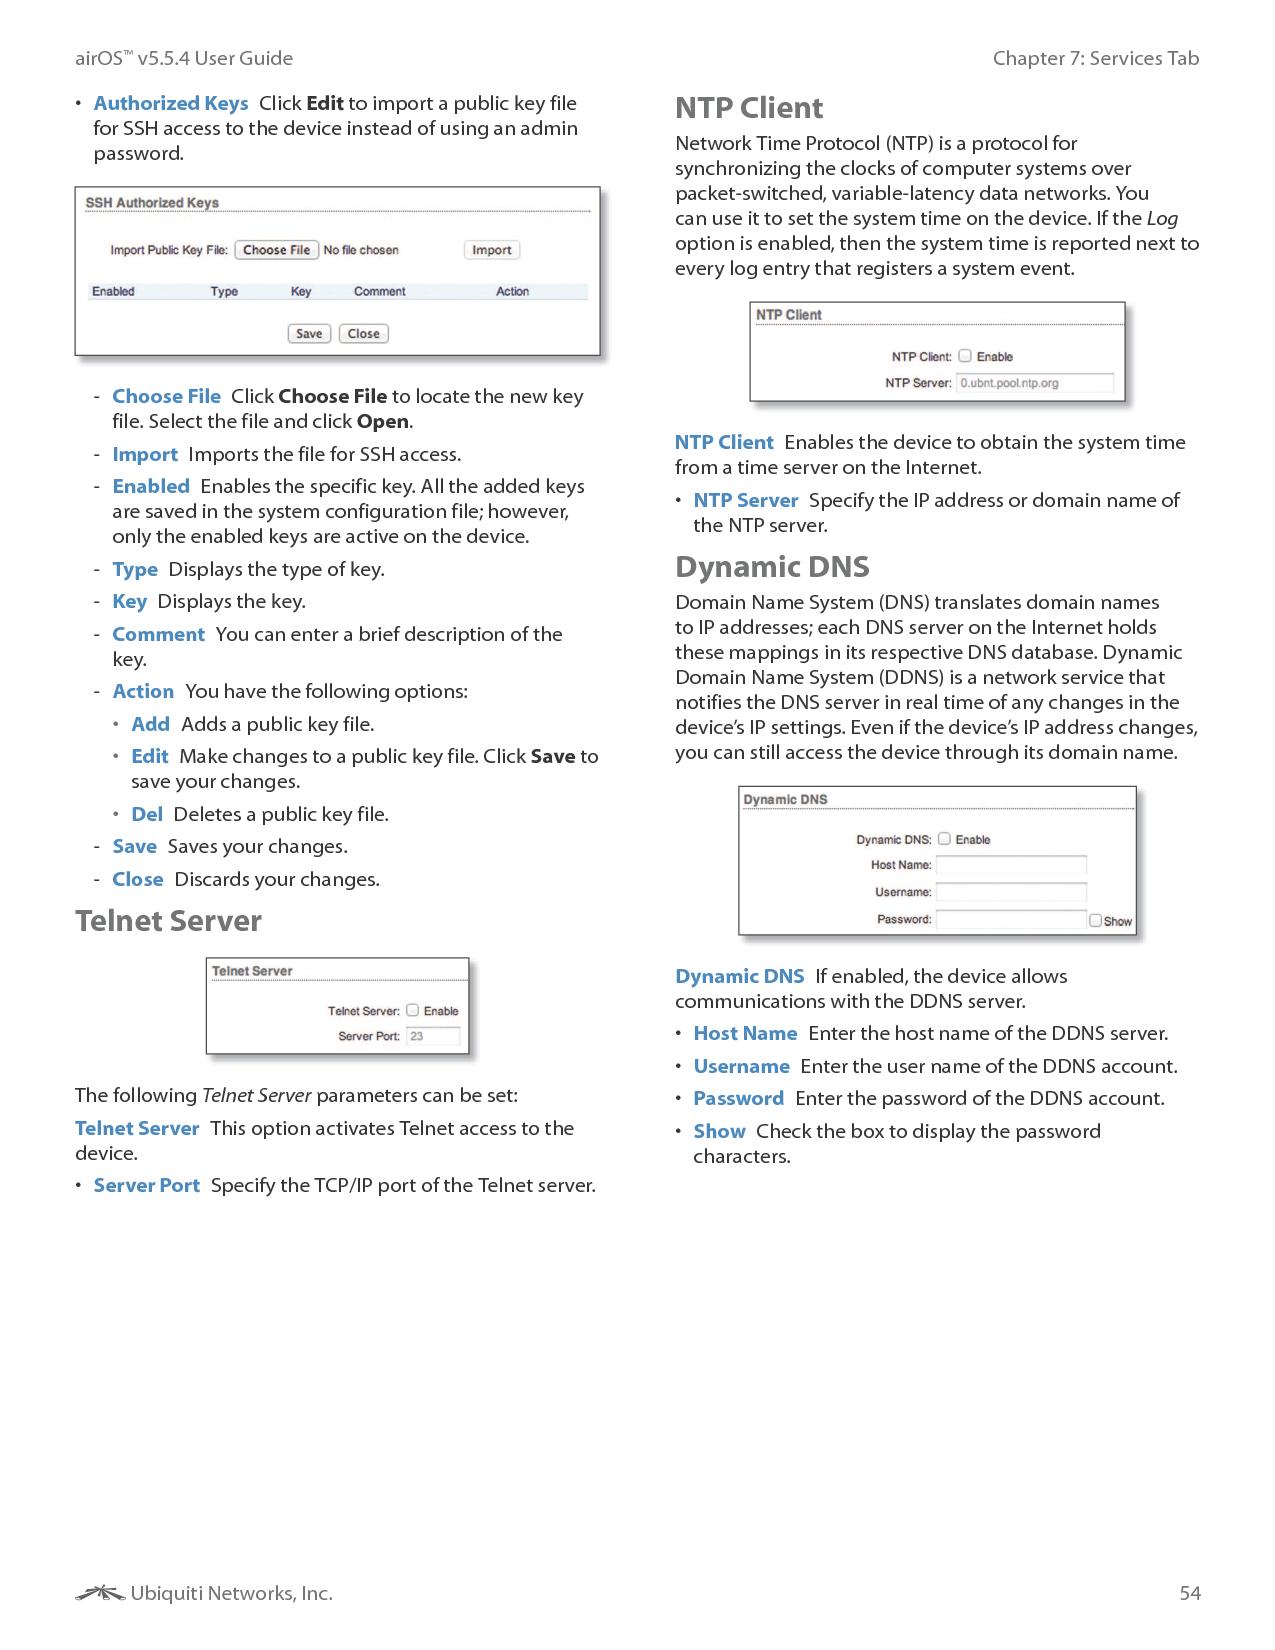 Dynamic DNS Setting | Ubiquiti Community